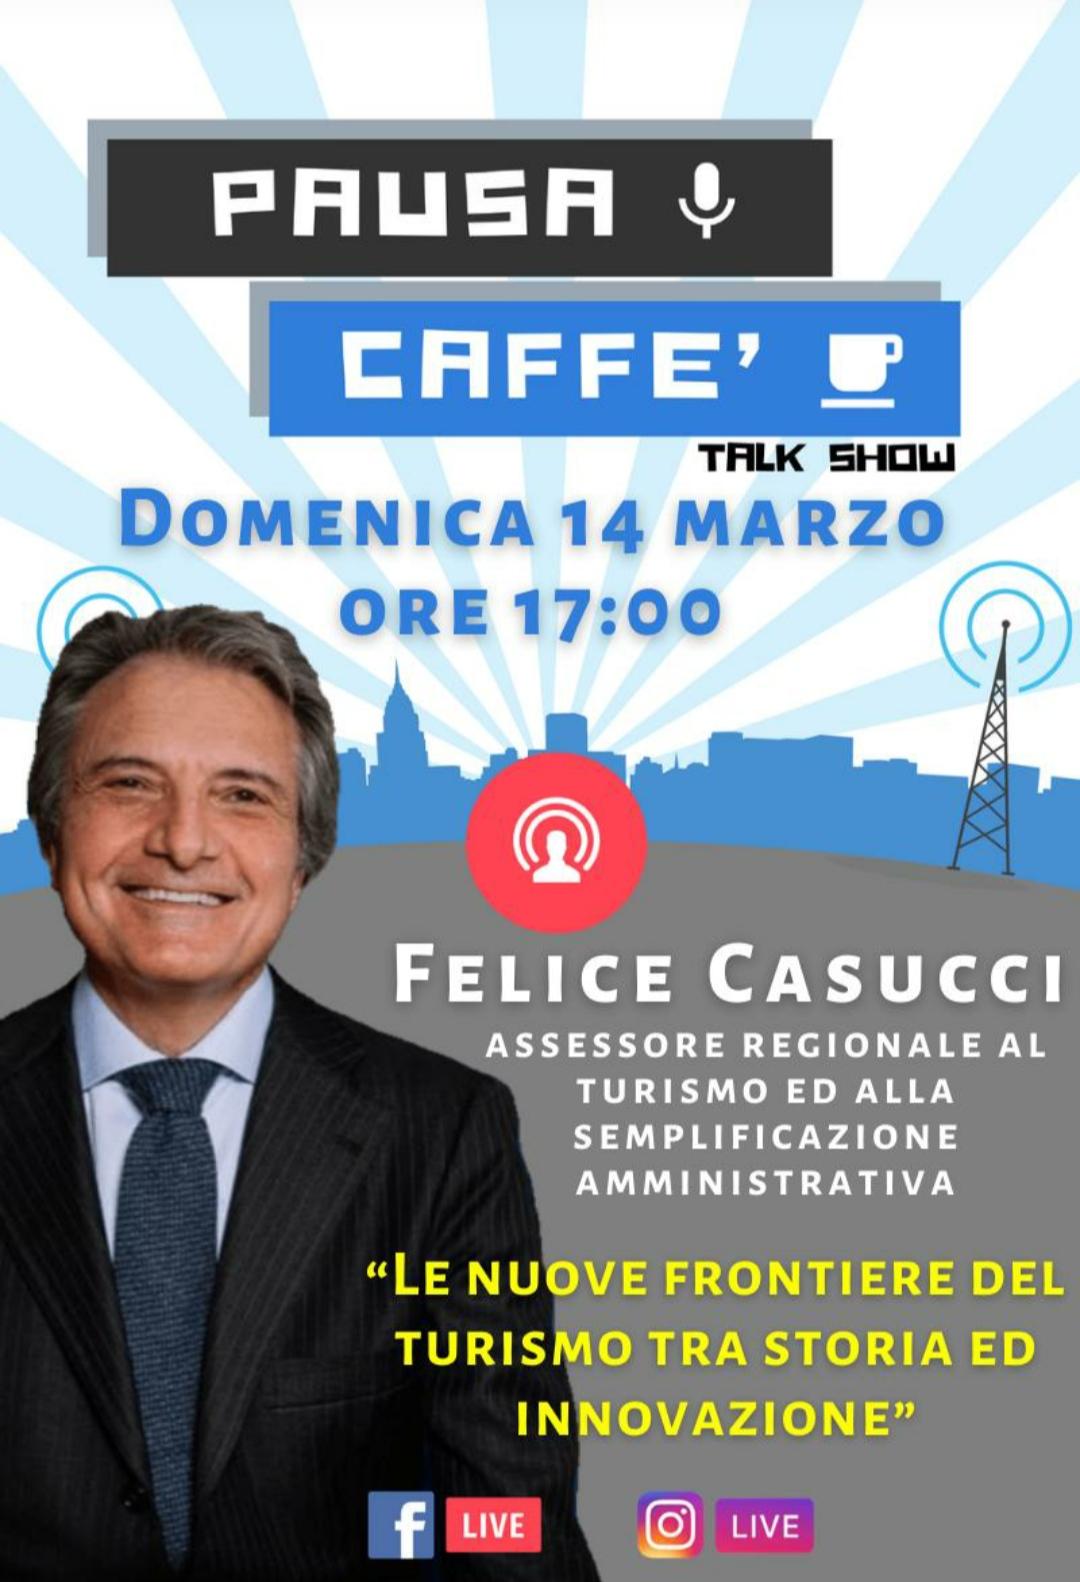 Pausa caffè, c'è l'assessore Casucci